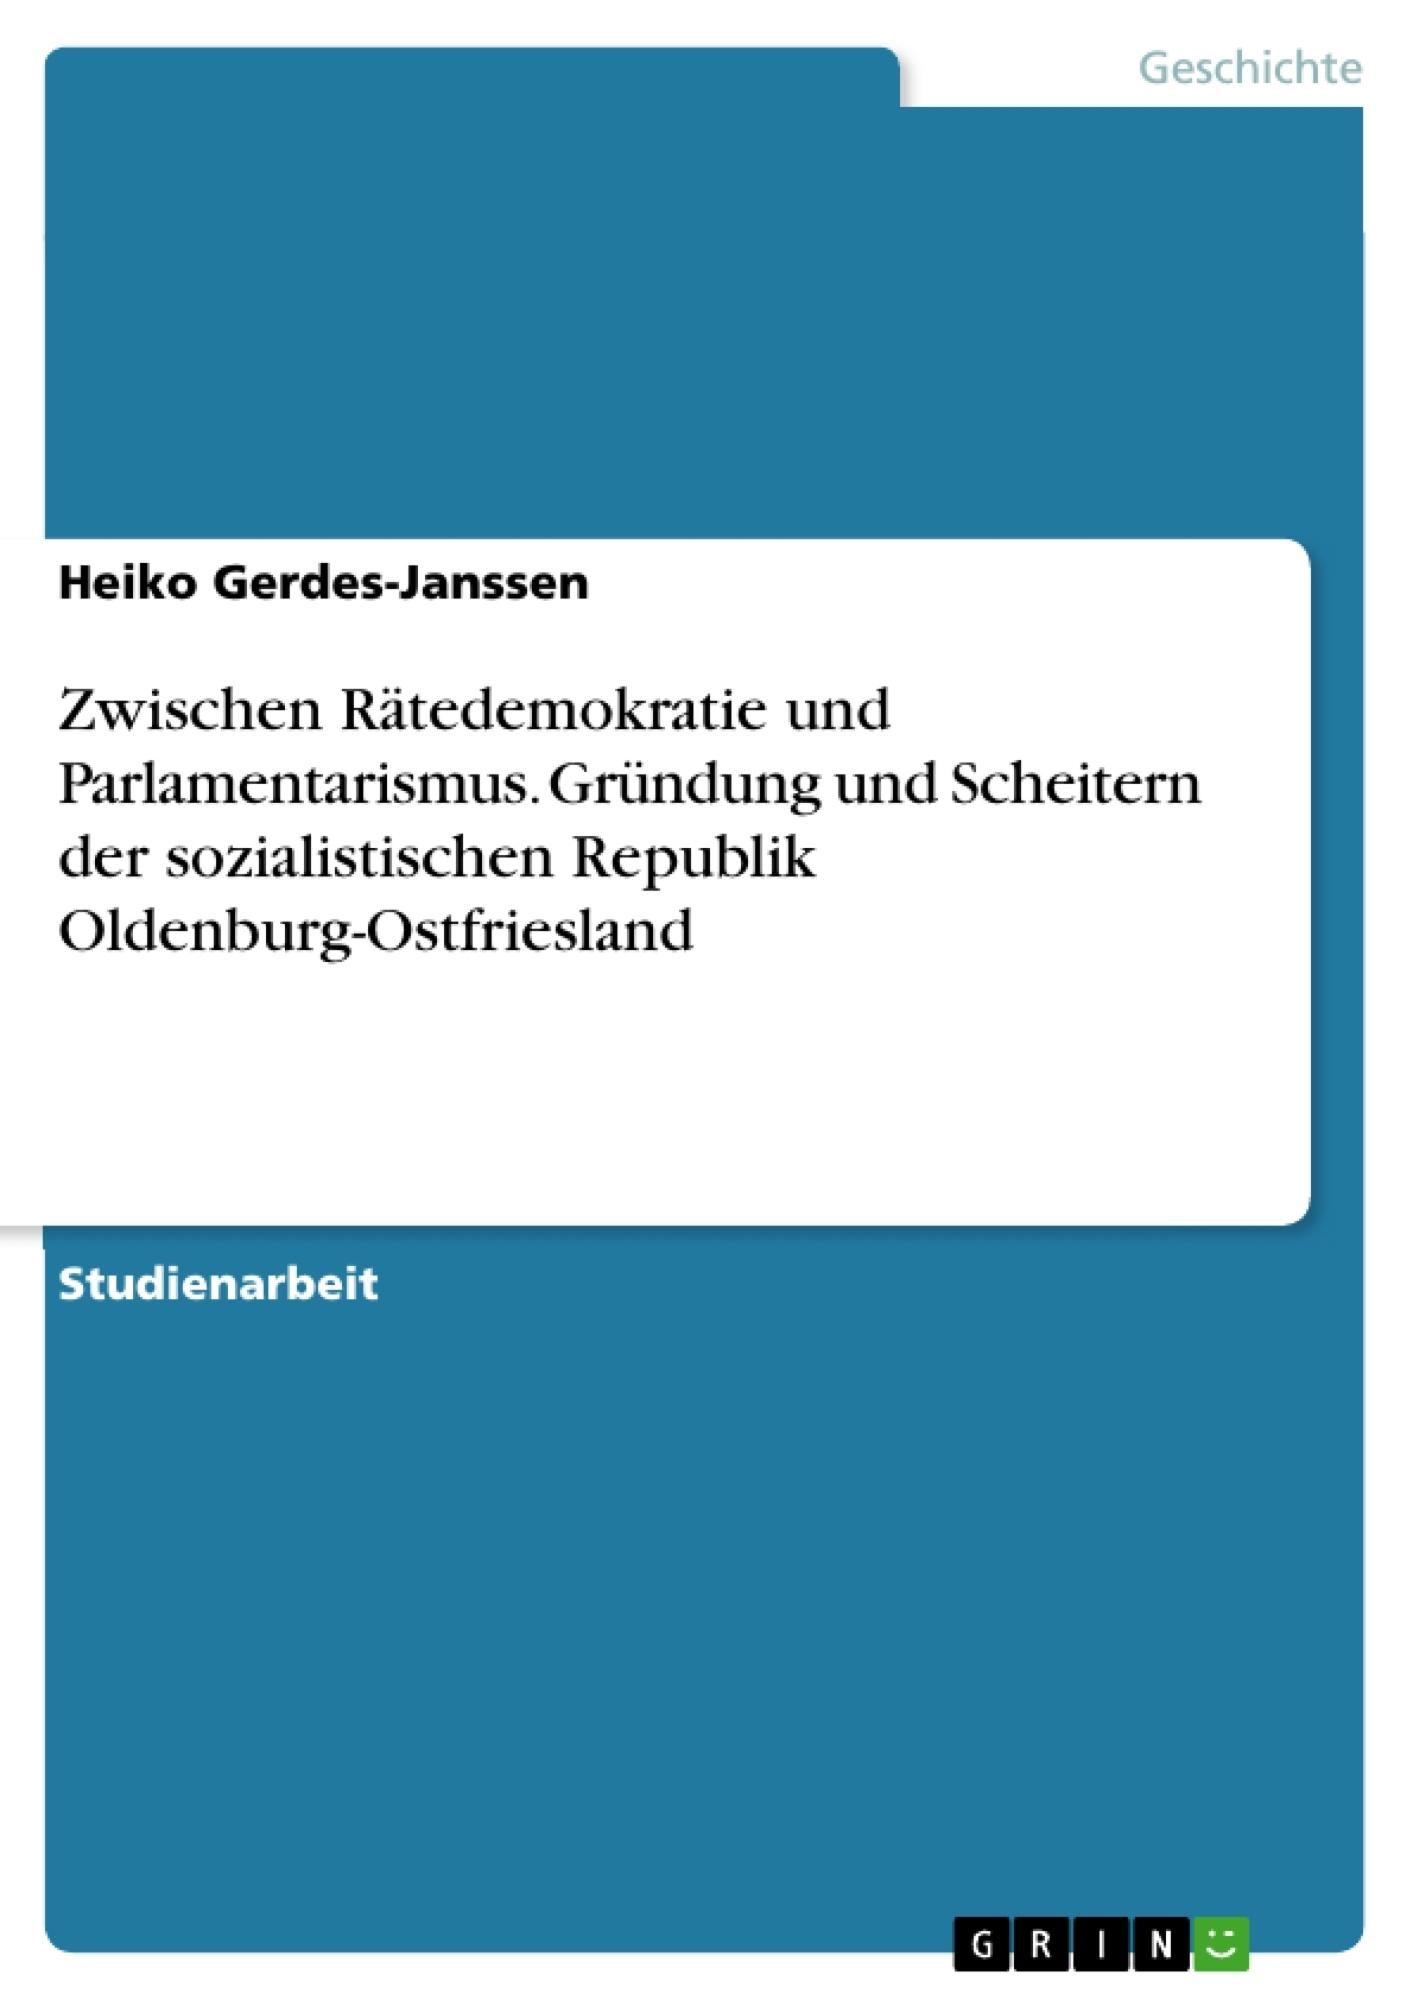 Titel: Zwischen Rätedemokratie und Parlamentarismus. Gründung und Scheitern der sozialistischen Republik Oldenburg-Ostfriesland